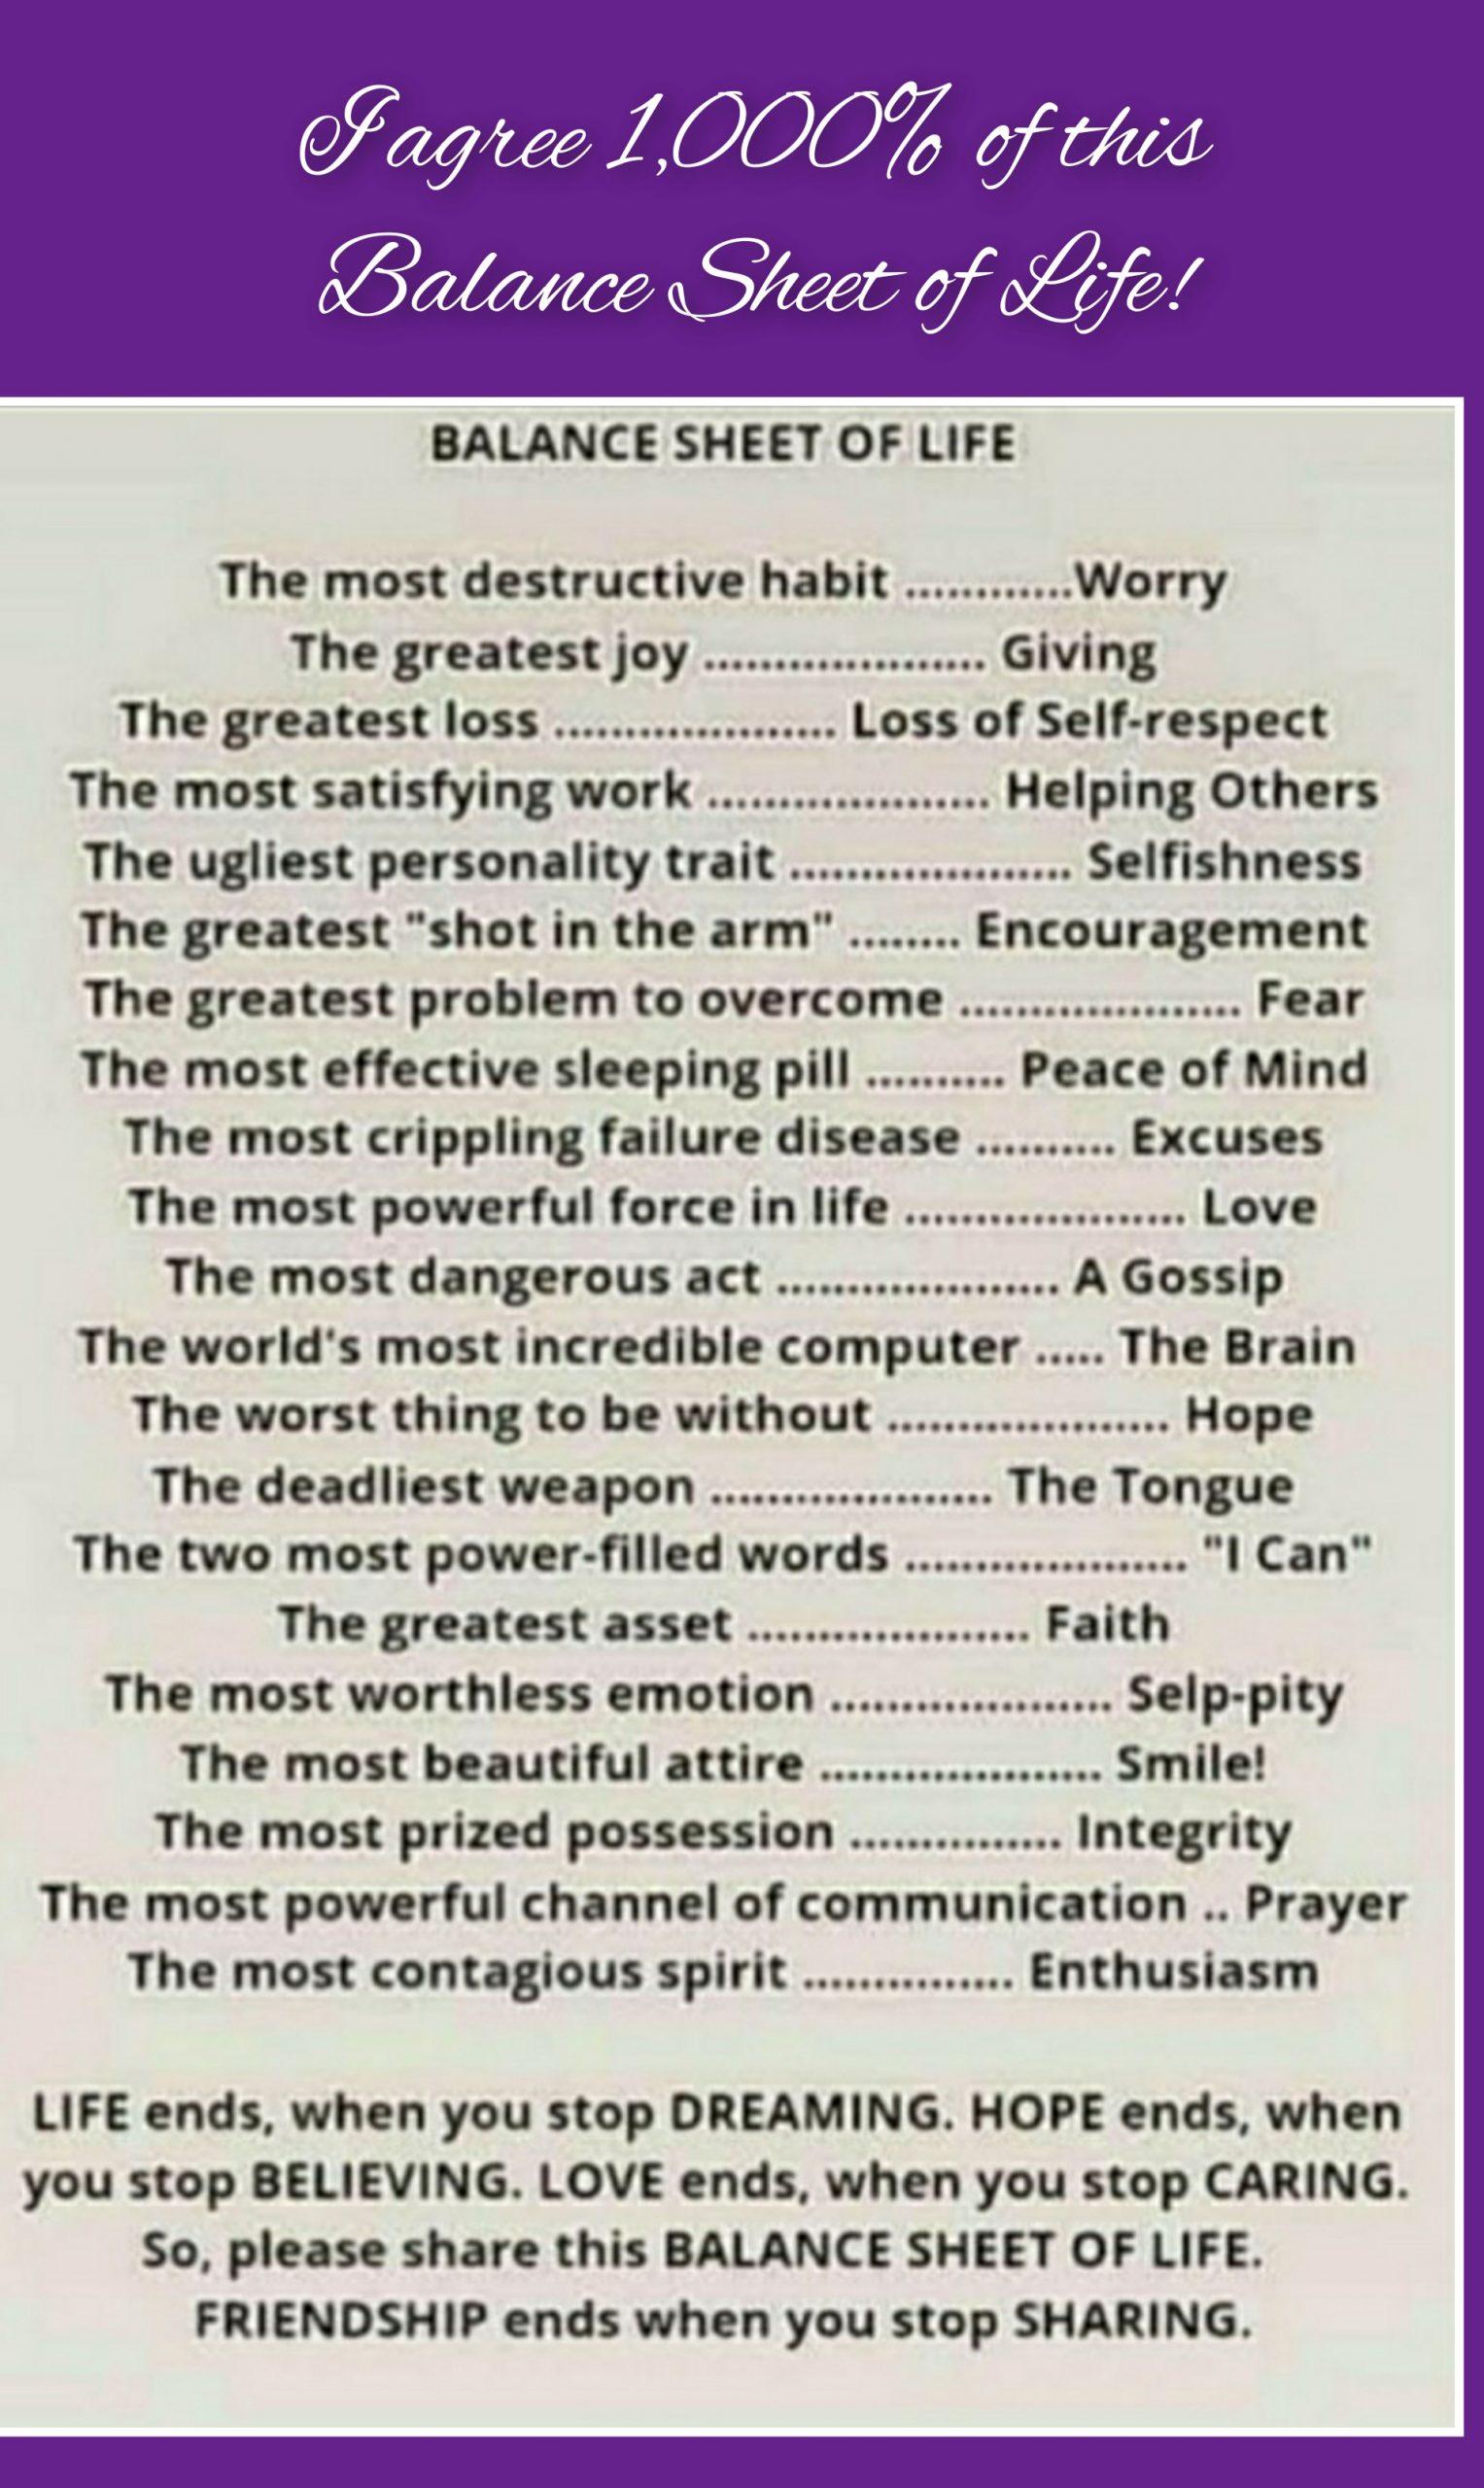 Check (your)Balance Sheet of Life